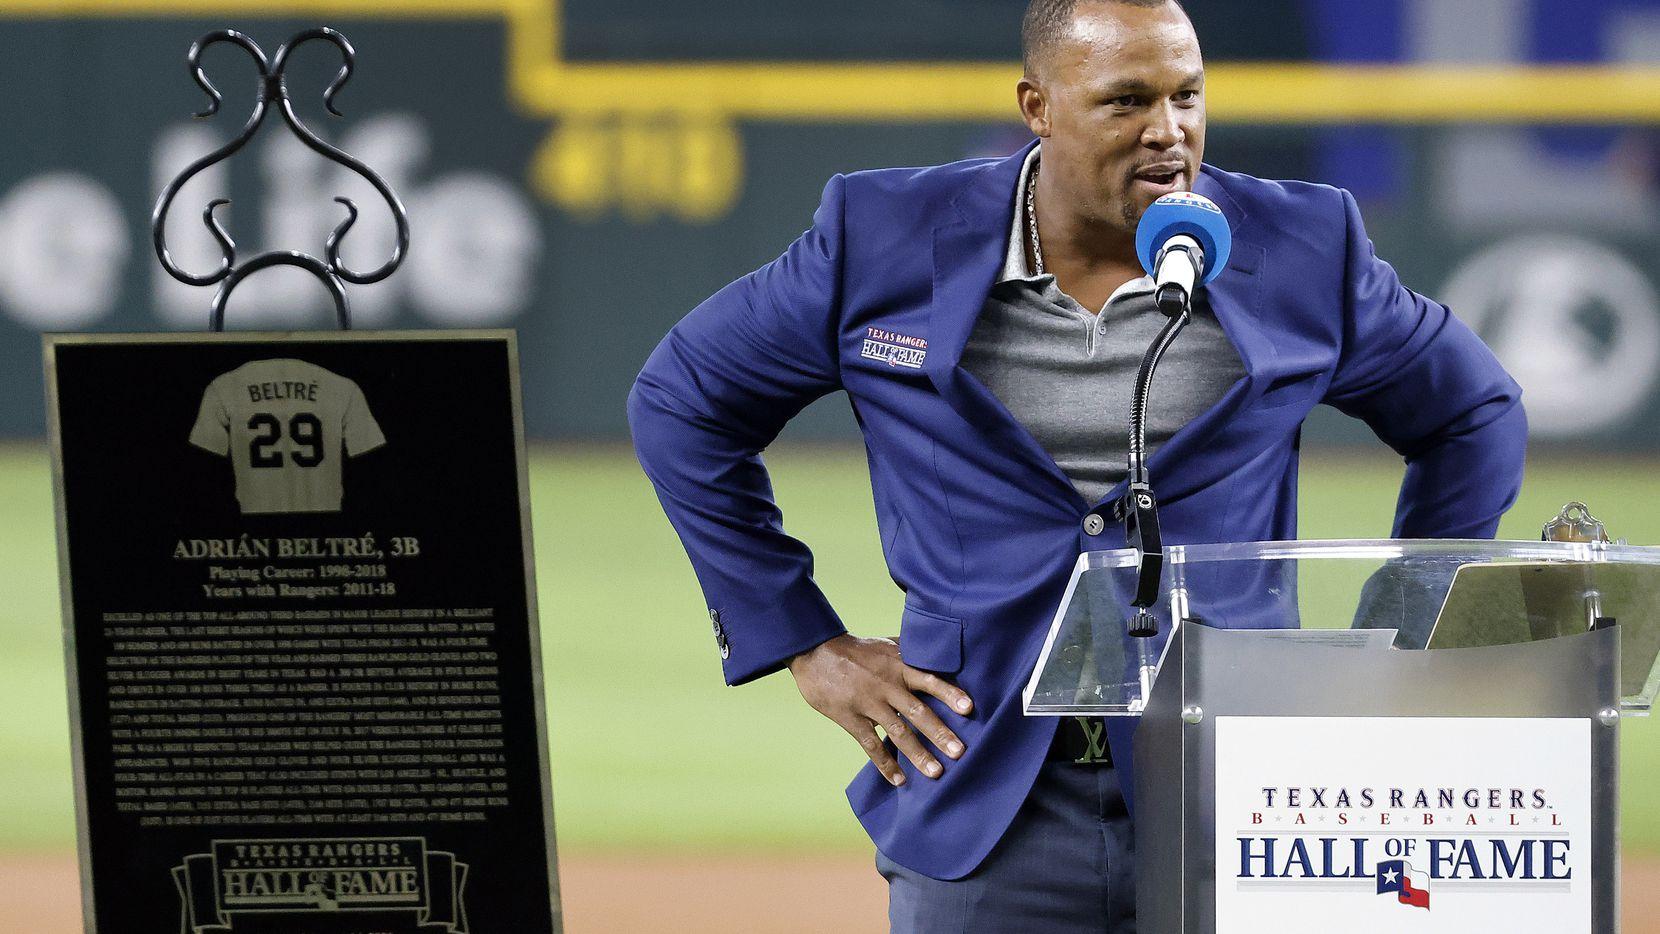 Adrián Beltré habla en su ceremonia de inducción al Salón de la Fama de los Texas Rangers, el 14 de agosto de 2021 en el Globe Life Field en Arlington.